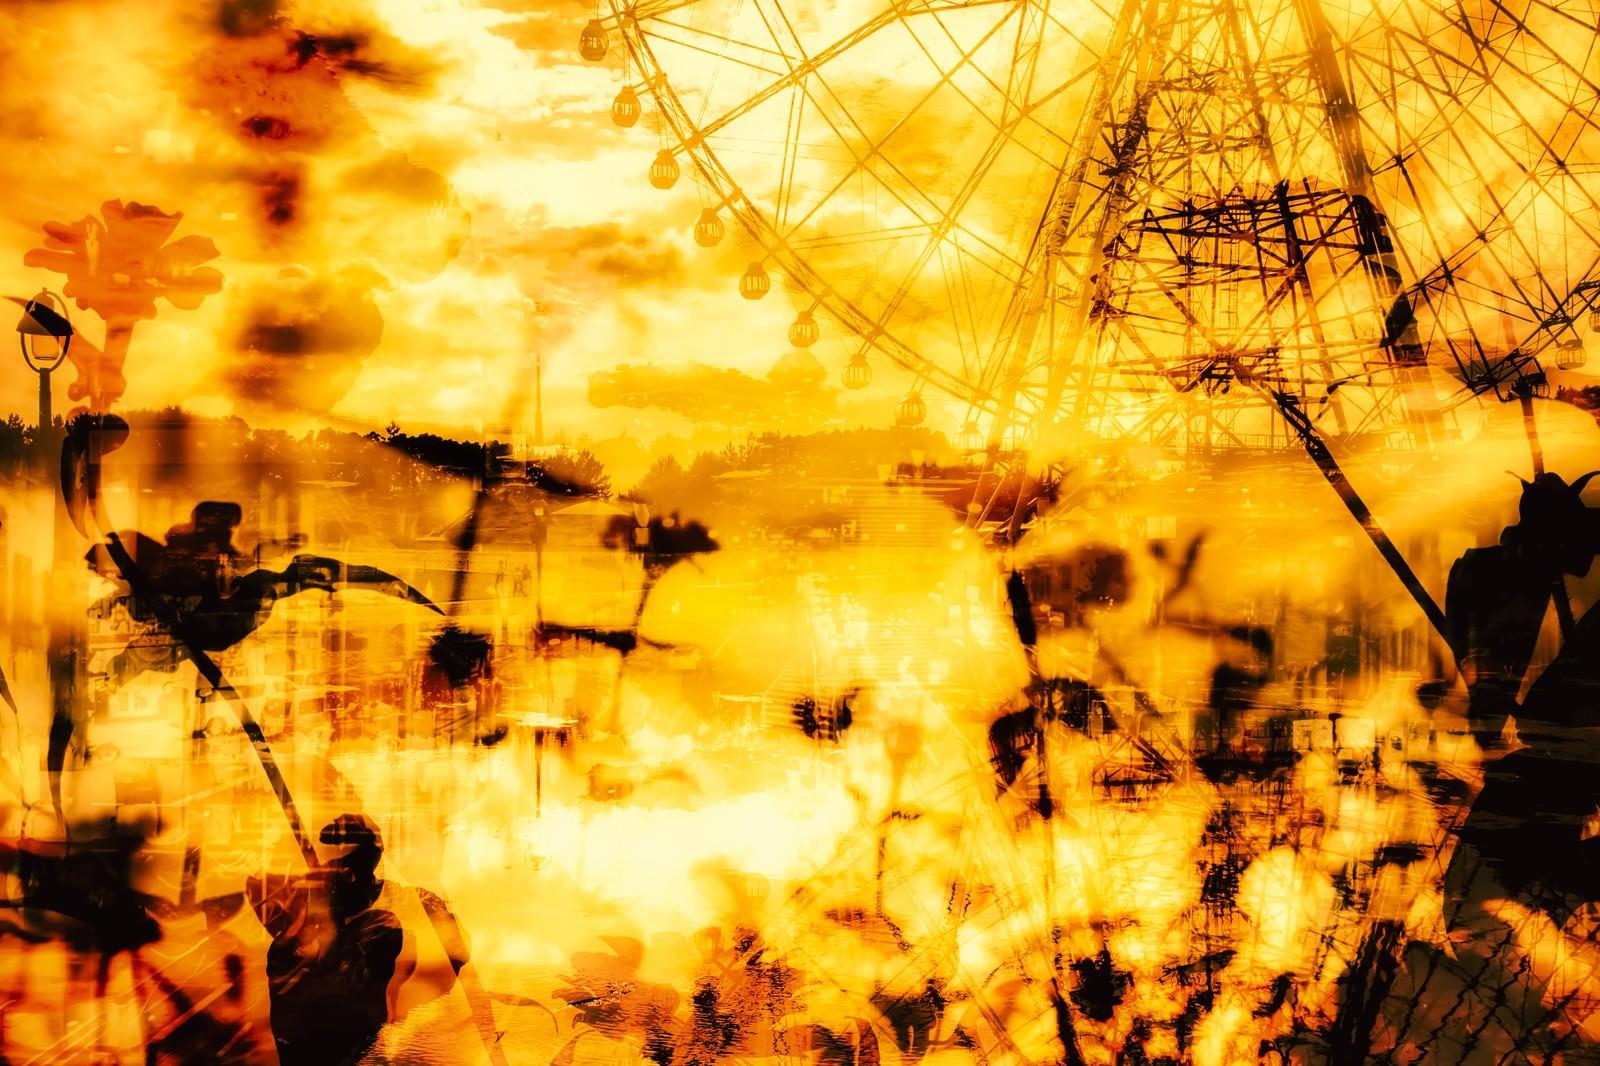 「追憶と観覧車(フォトモンタージュ)追憶と観覧車(フォトモンタージュ)」のフリー写真素材を拡大